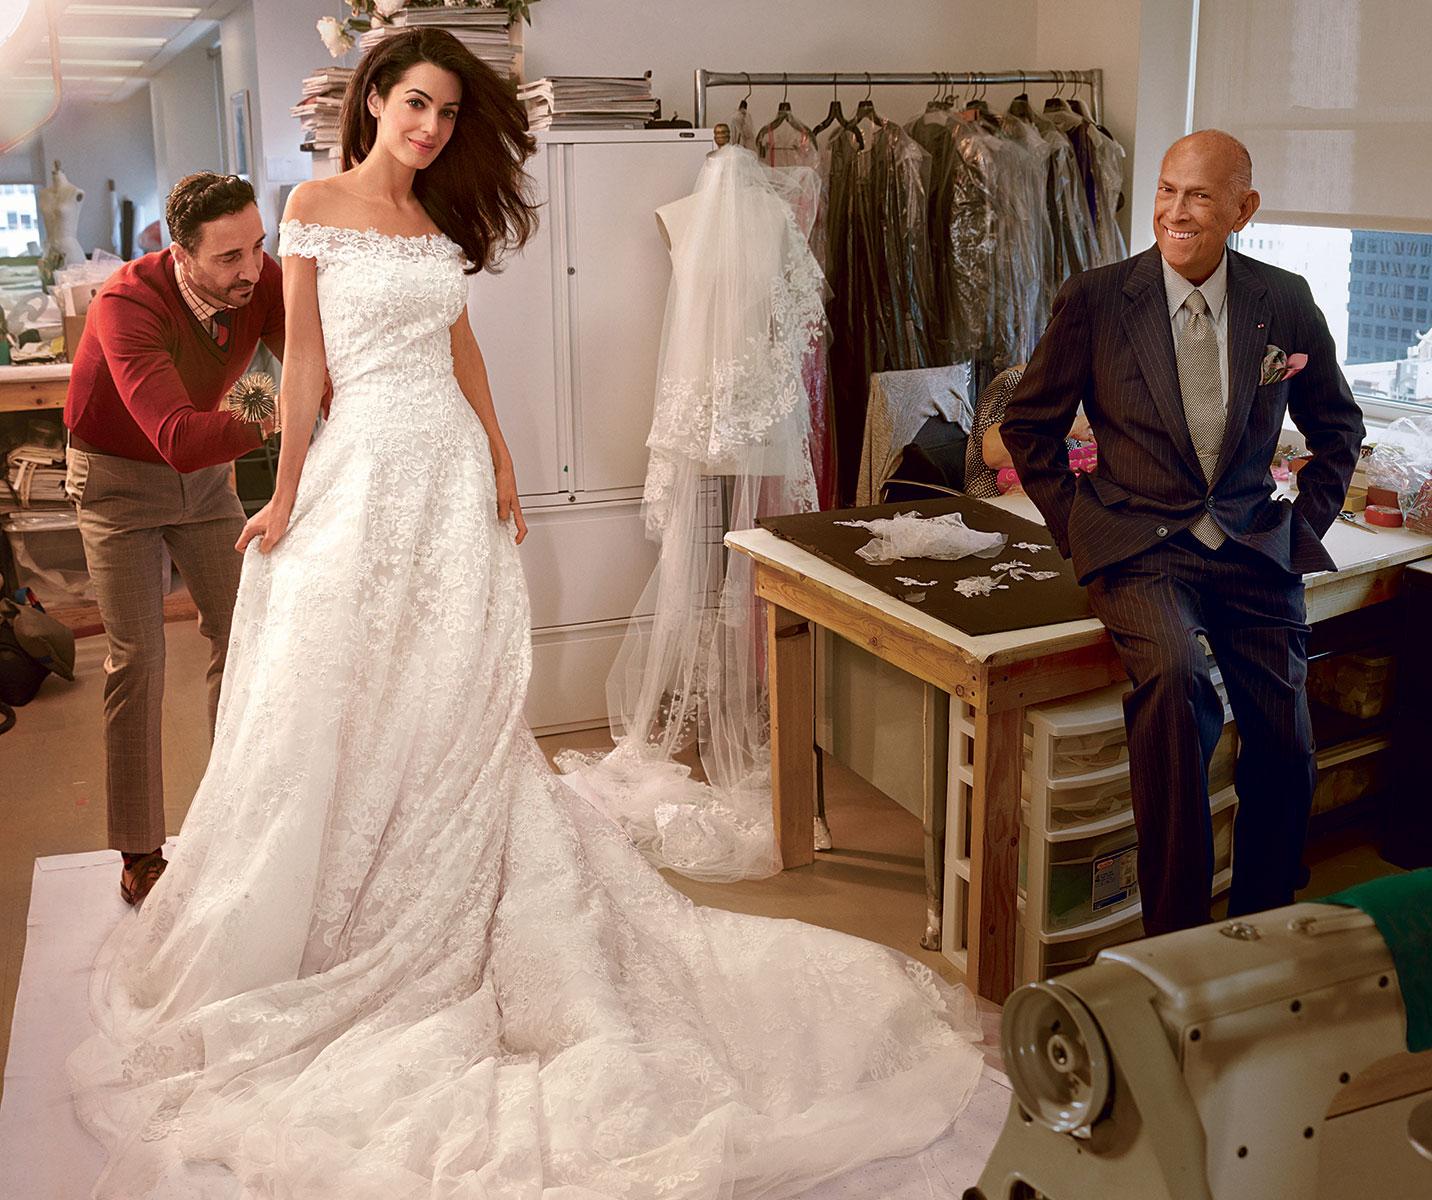 Трахат жену свадебном платие 6 фотография